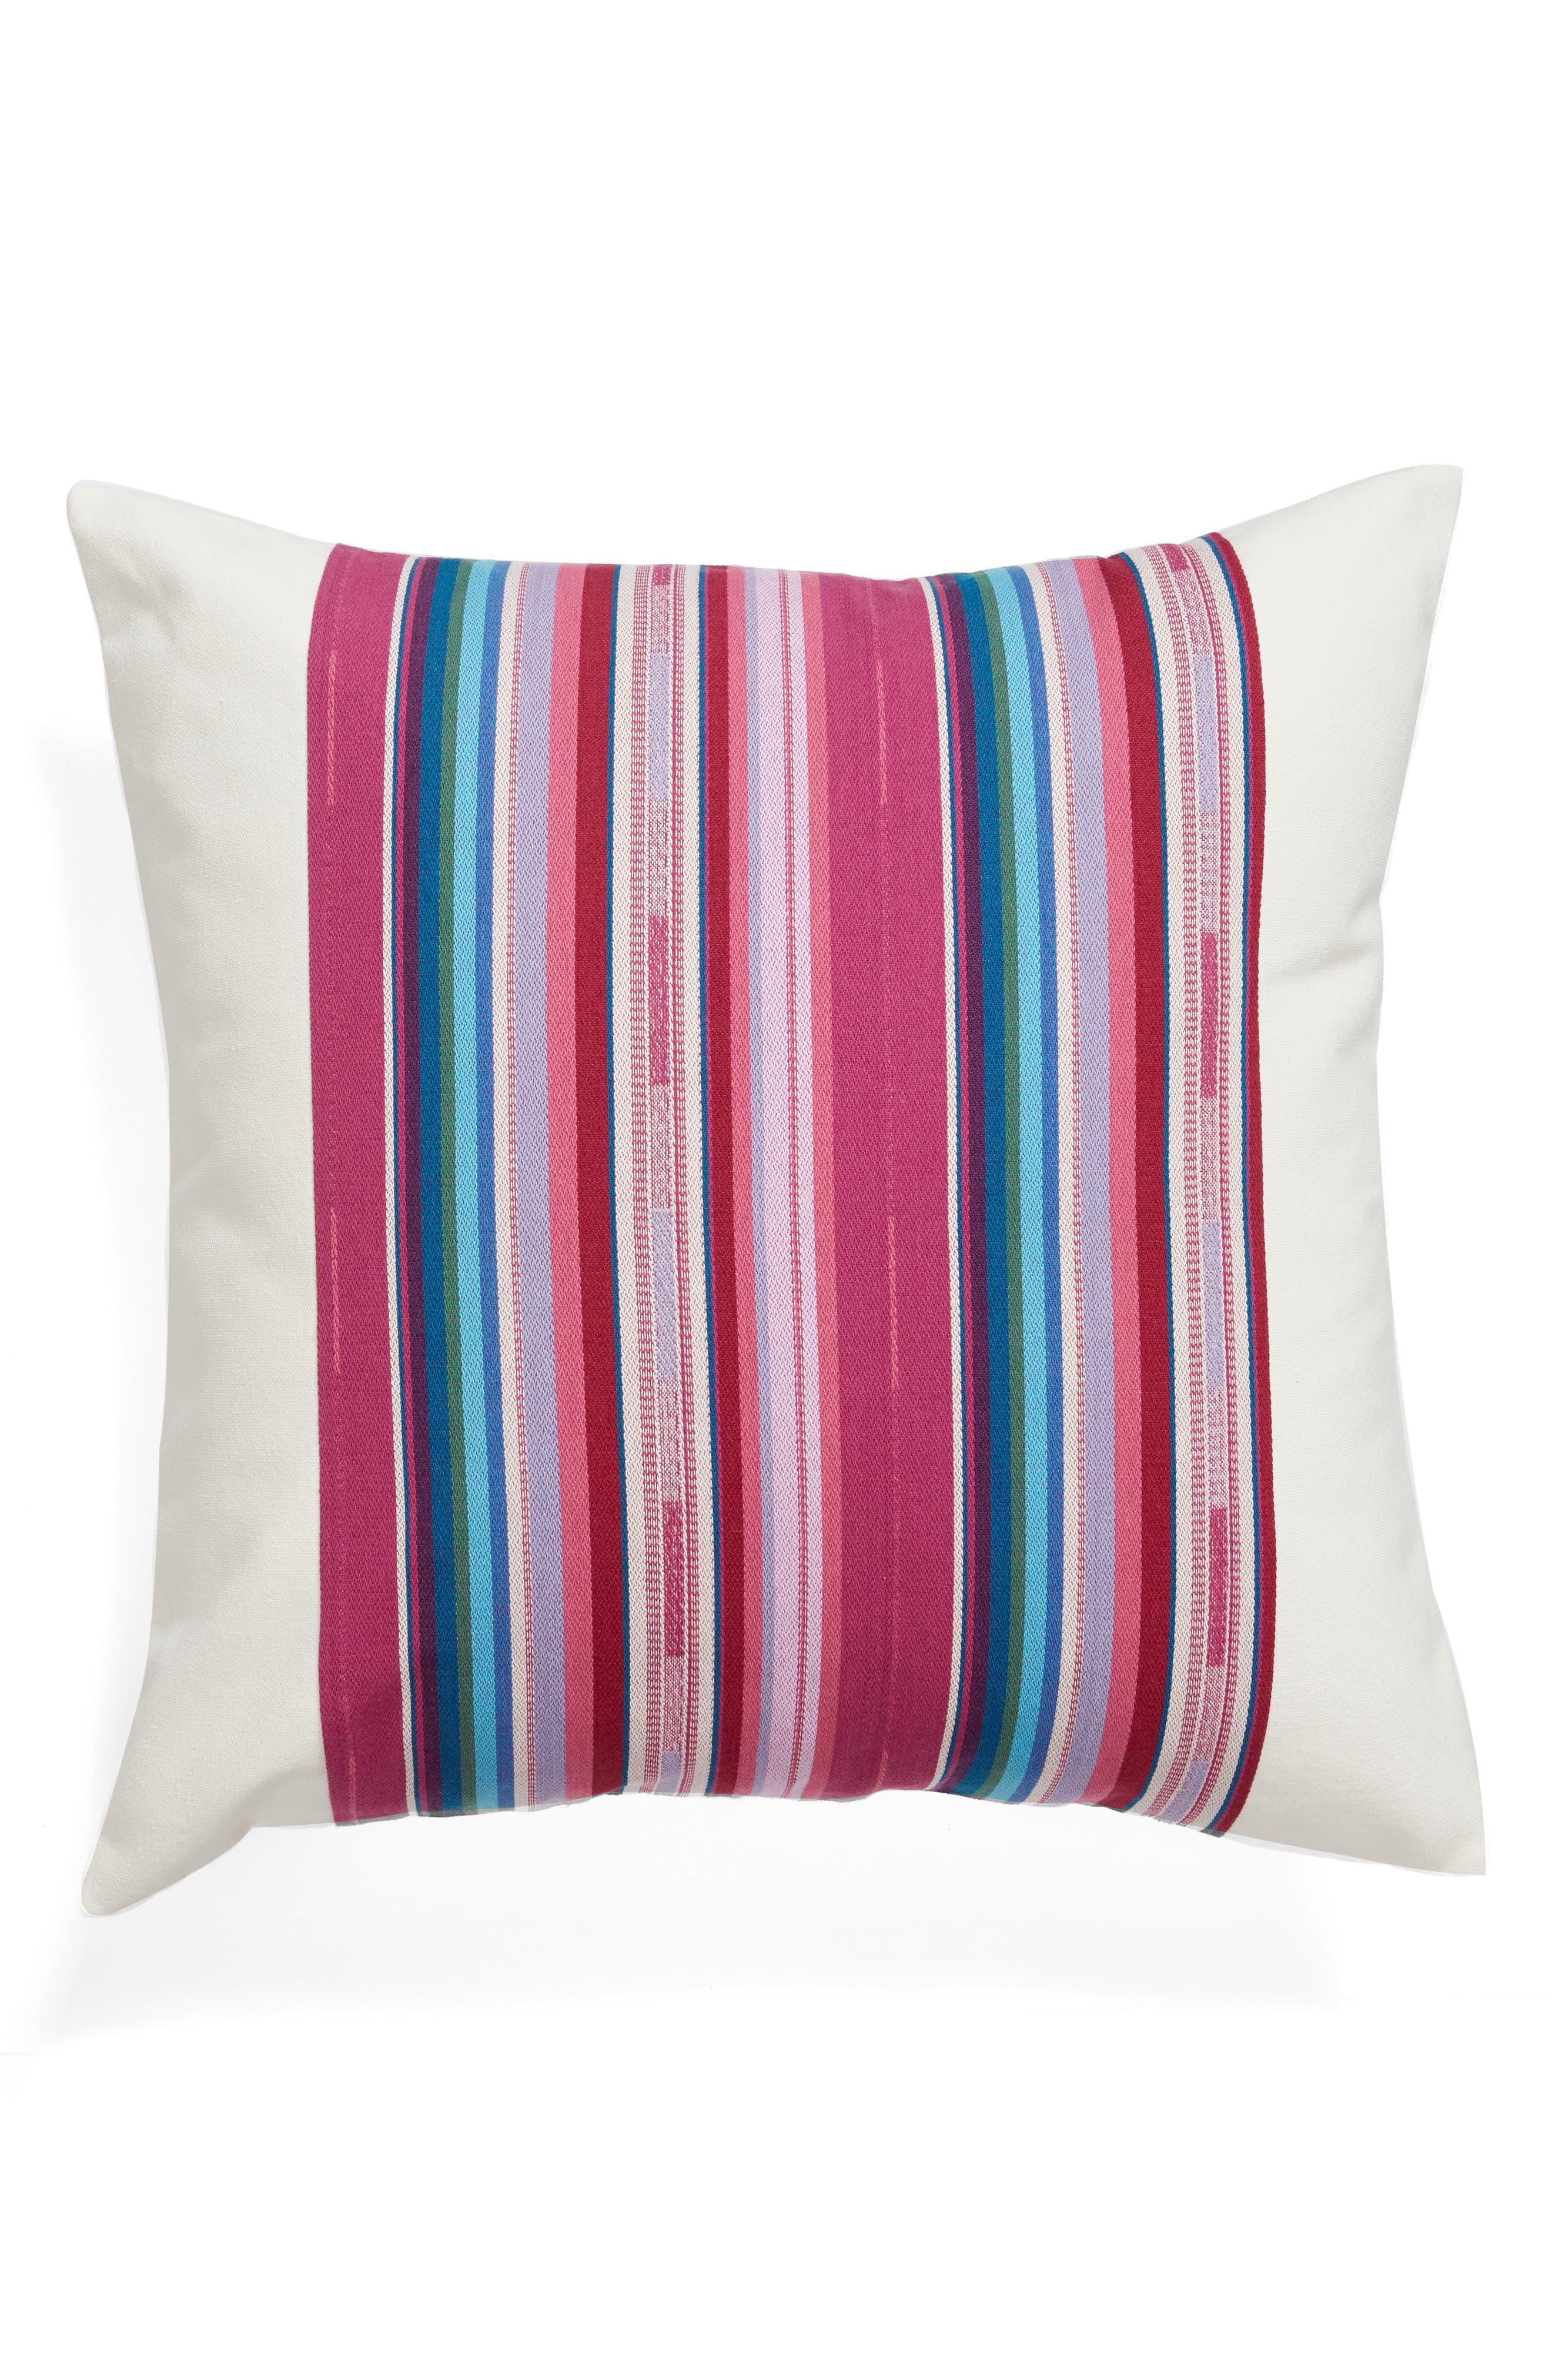 Serape Stripe Pillow,                             Main thumbnail 1, color,                             Multi